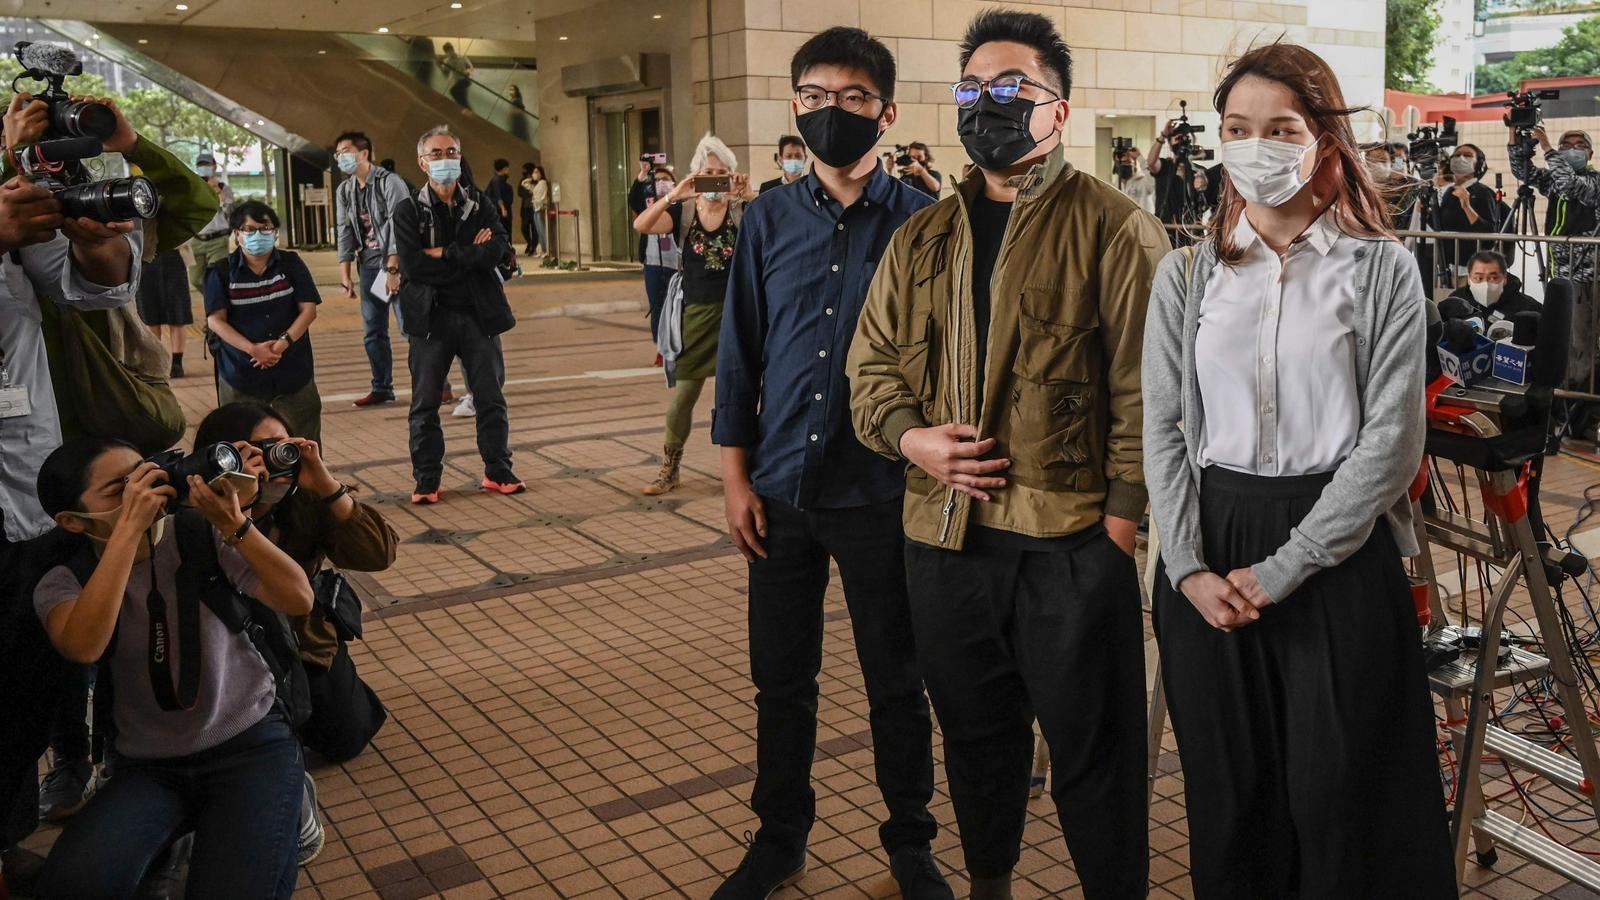 D'esquerra a dreta, Joshua Wong, Ivan Lam i Agnes Chow, els tres activistes pro-democràcia de Hong Kong jutjats aquest dilluns